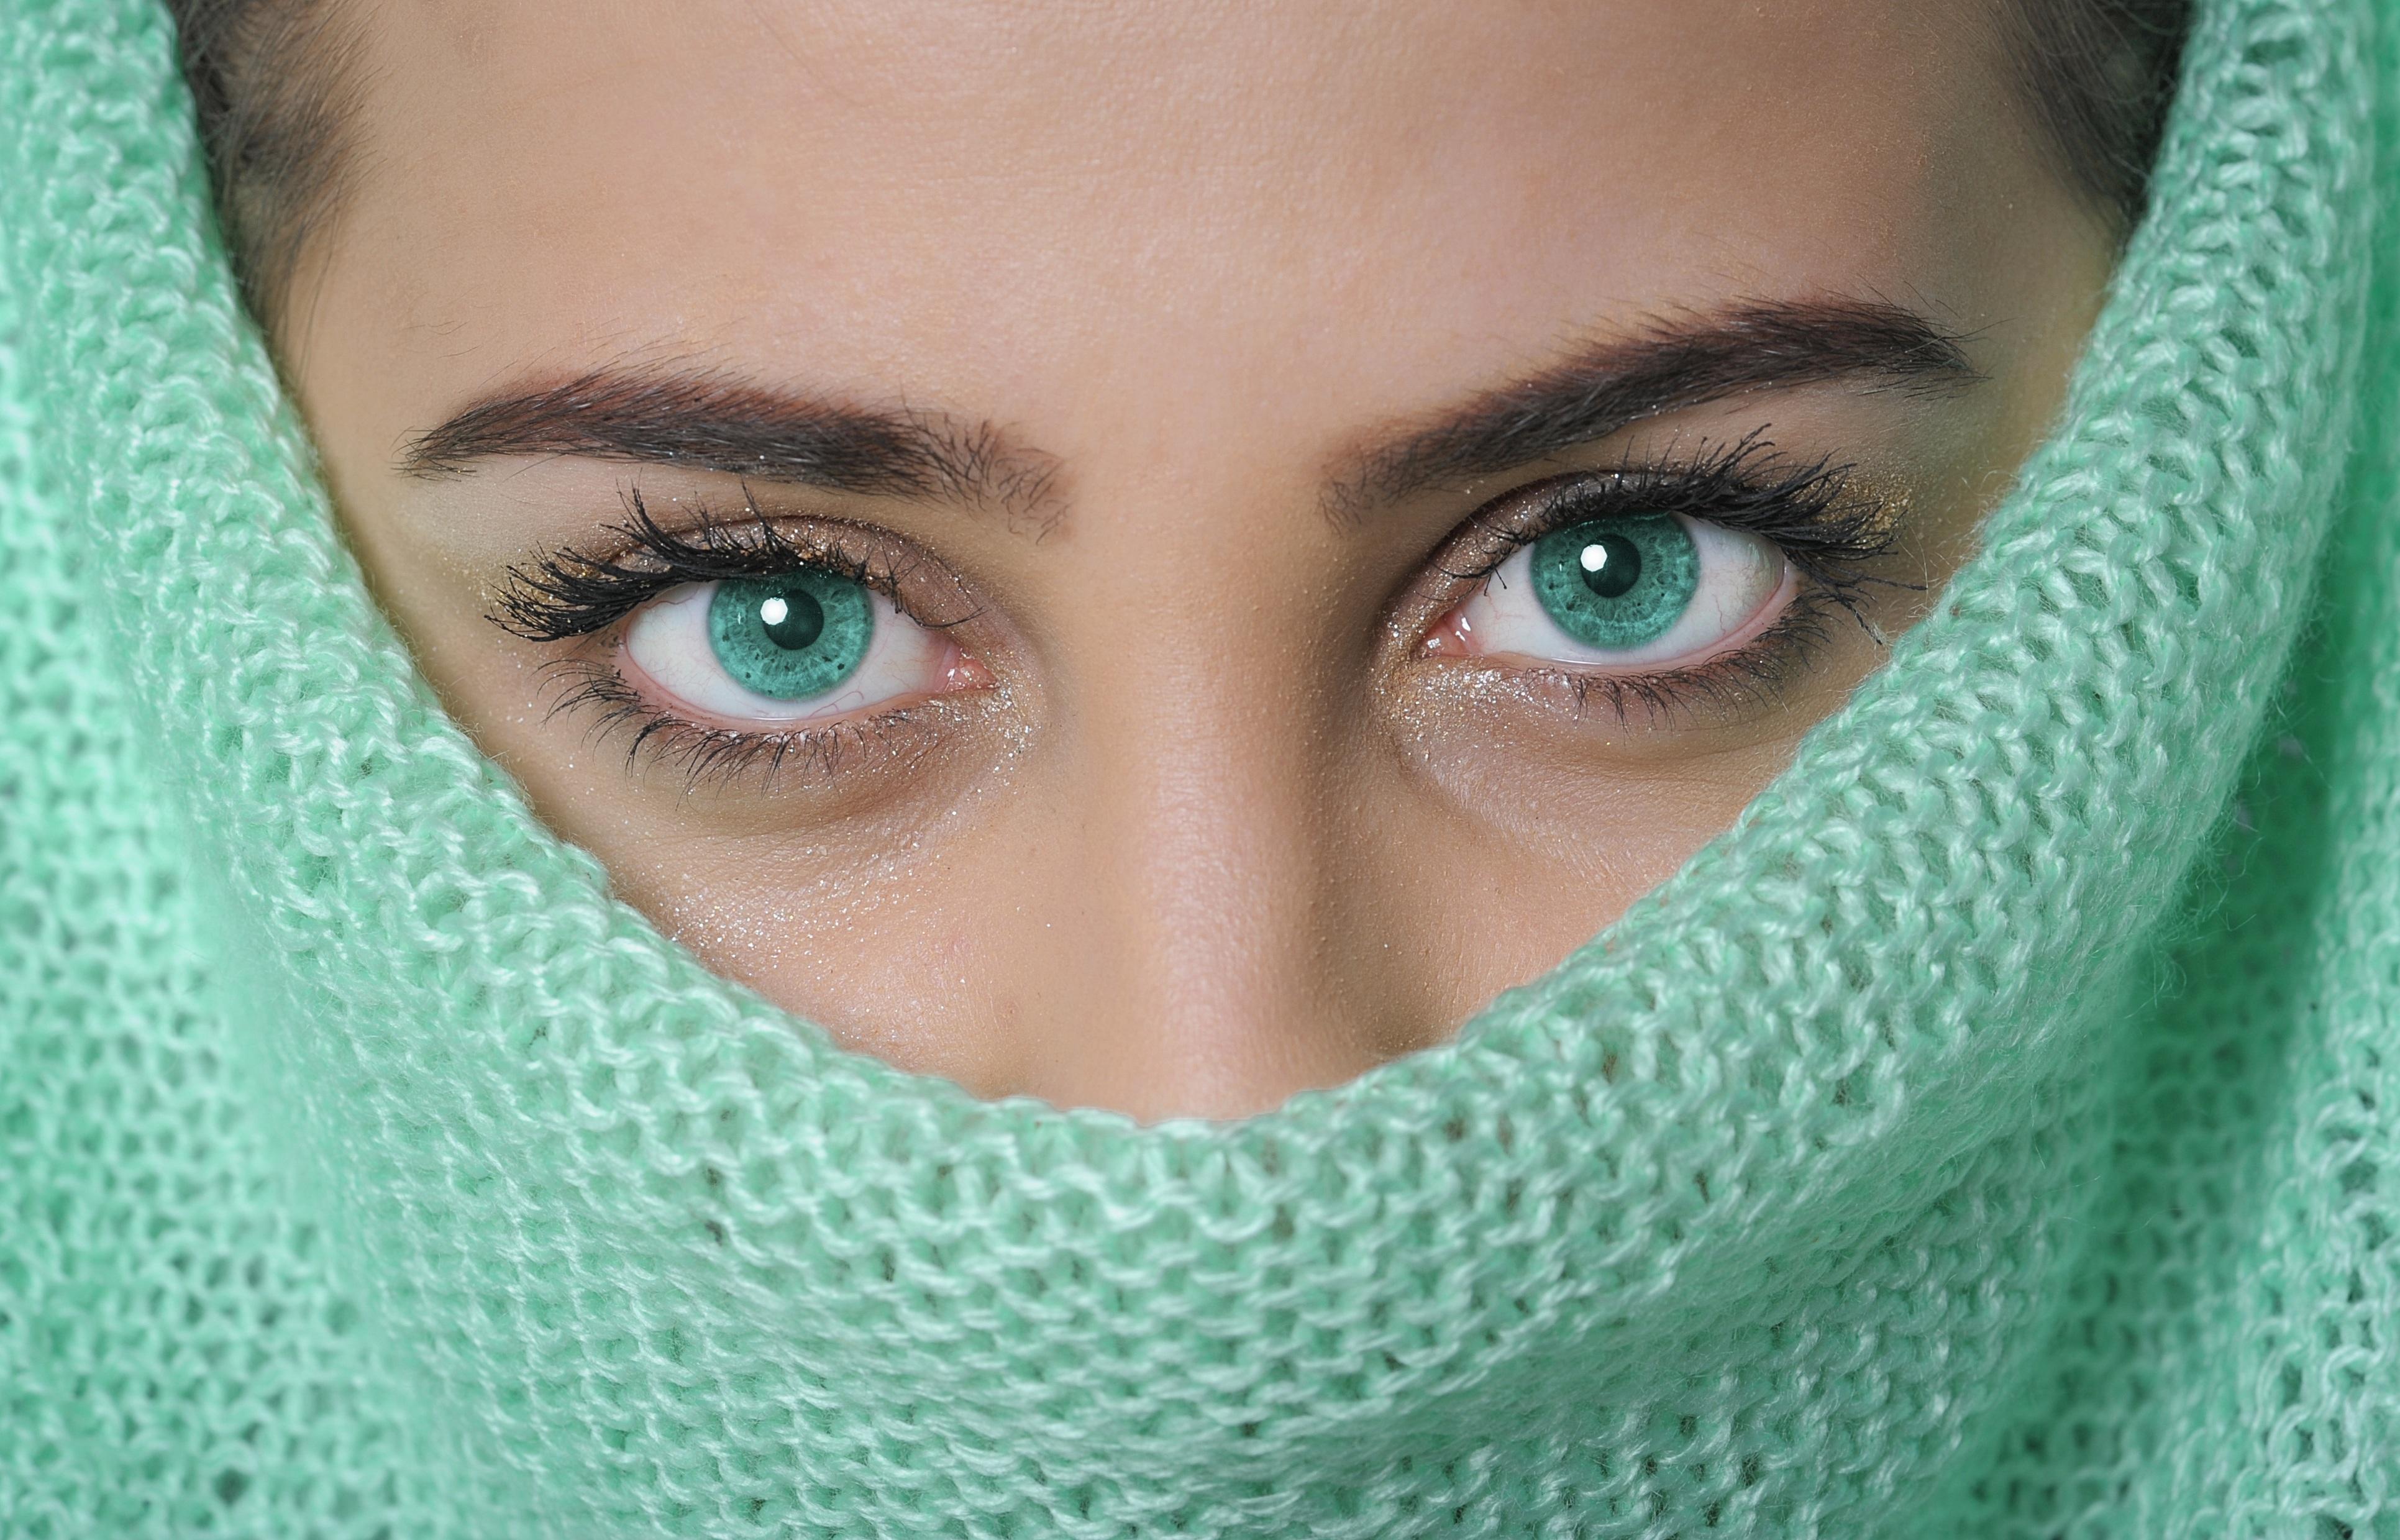 Free Images Female Portrait Green Color Clean Blue Lip